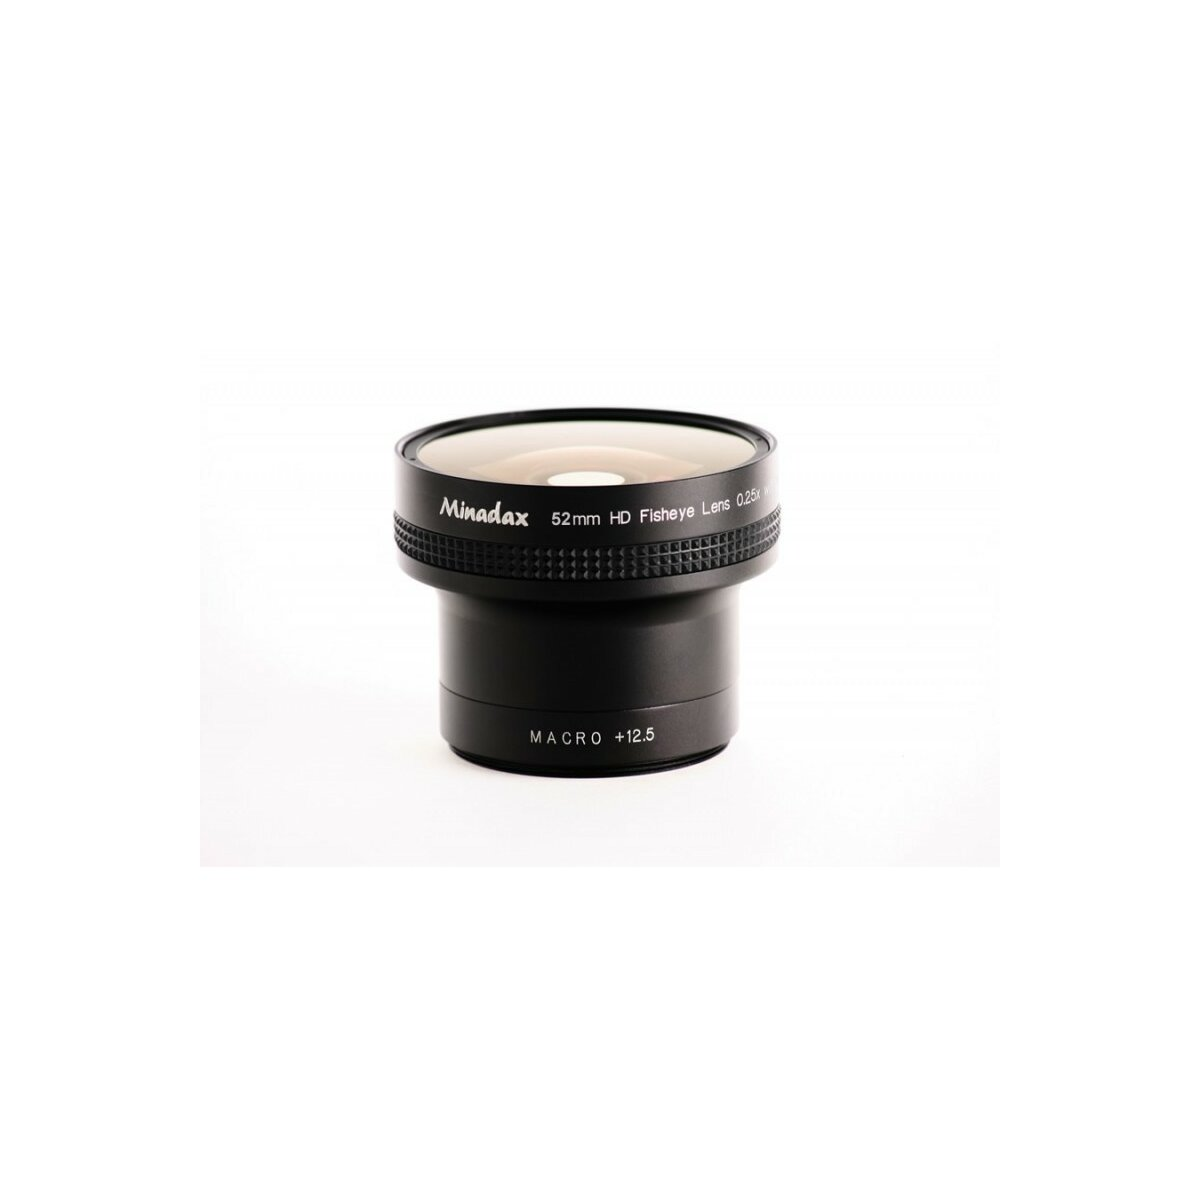 0.25x Minadax Fisheye Vorsatz Kodak Z730 - in schwarz